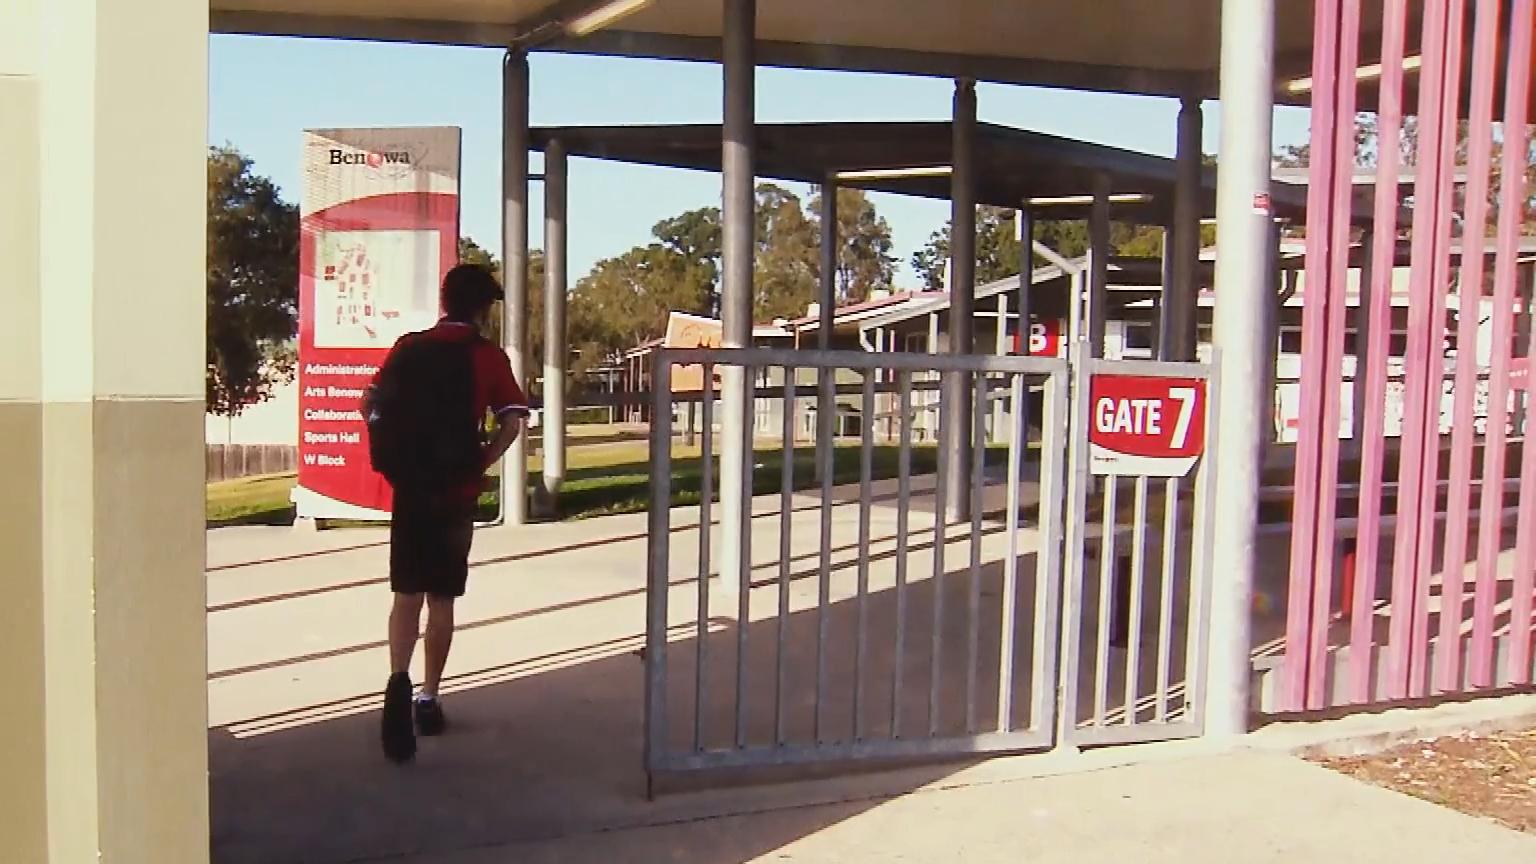 Coronavirus spreads through Aussie school children for first time